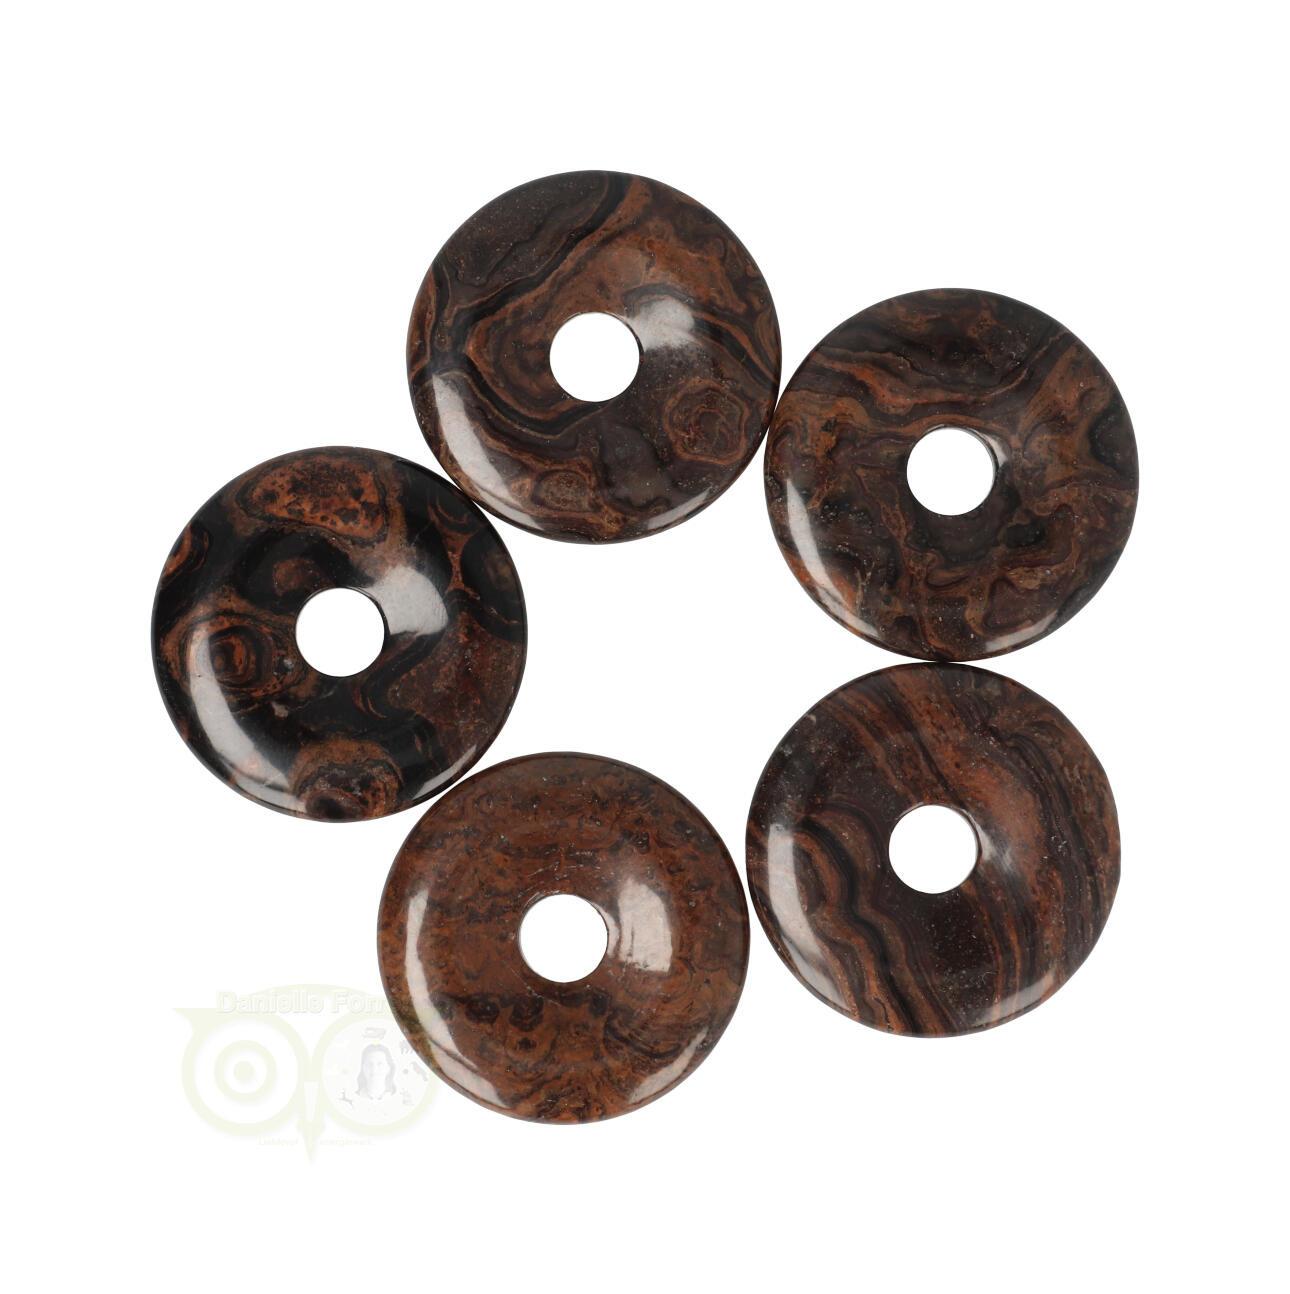 Stromatoliet Donuts - Pi Stones kopen | Edelstenen Webwinkel - Webshop Danielle Forrer